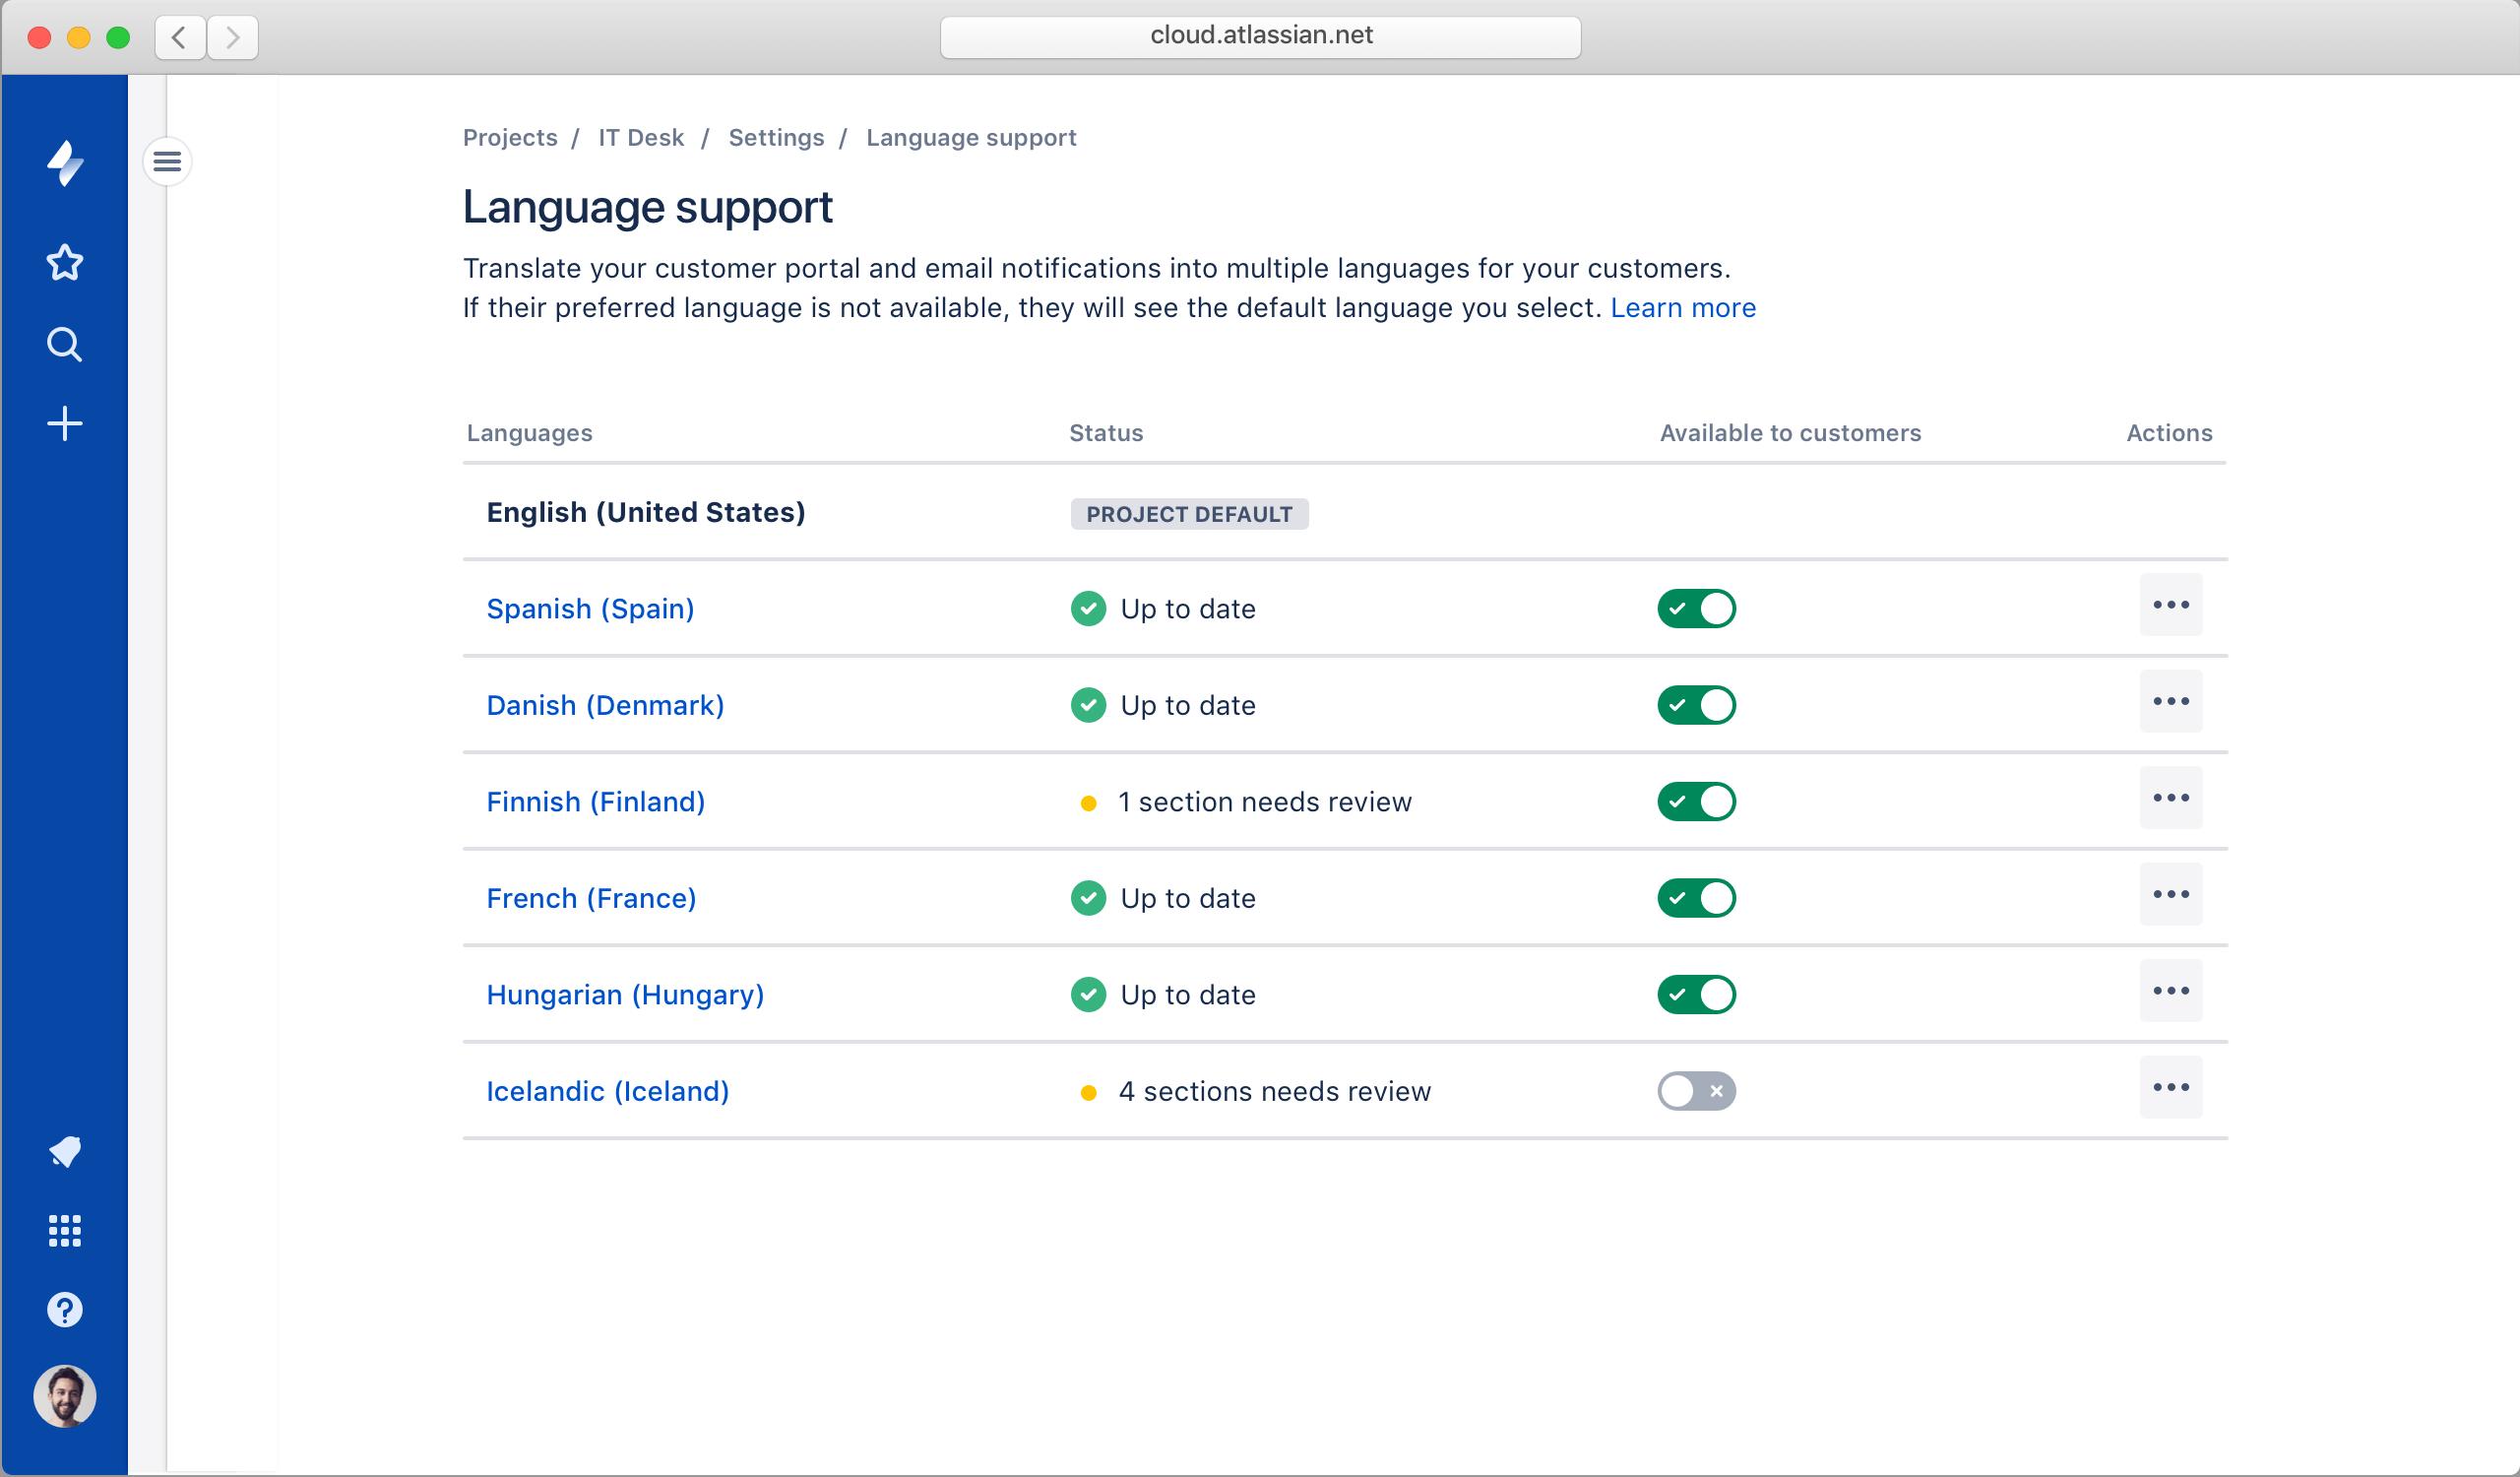 Wielojęzyczne wsparcie — zrzut ekranu